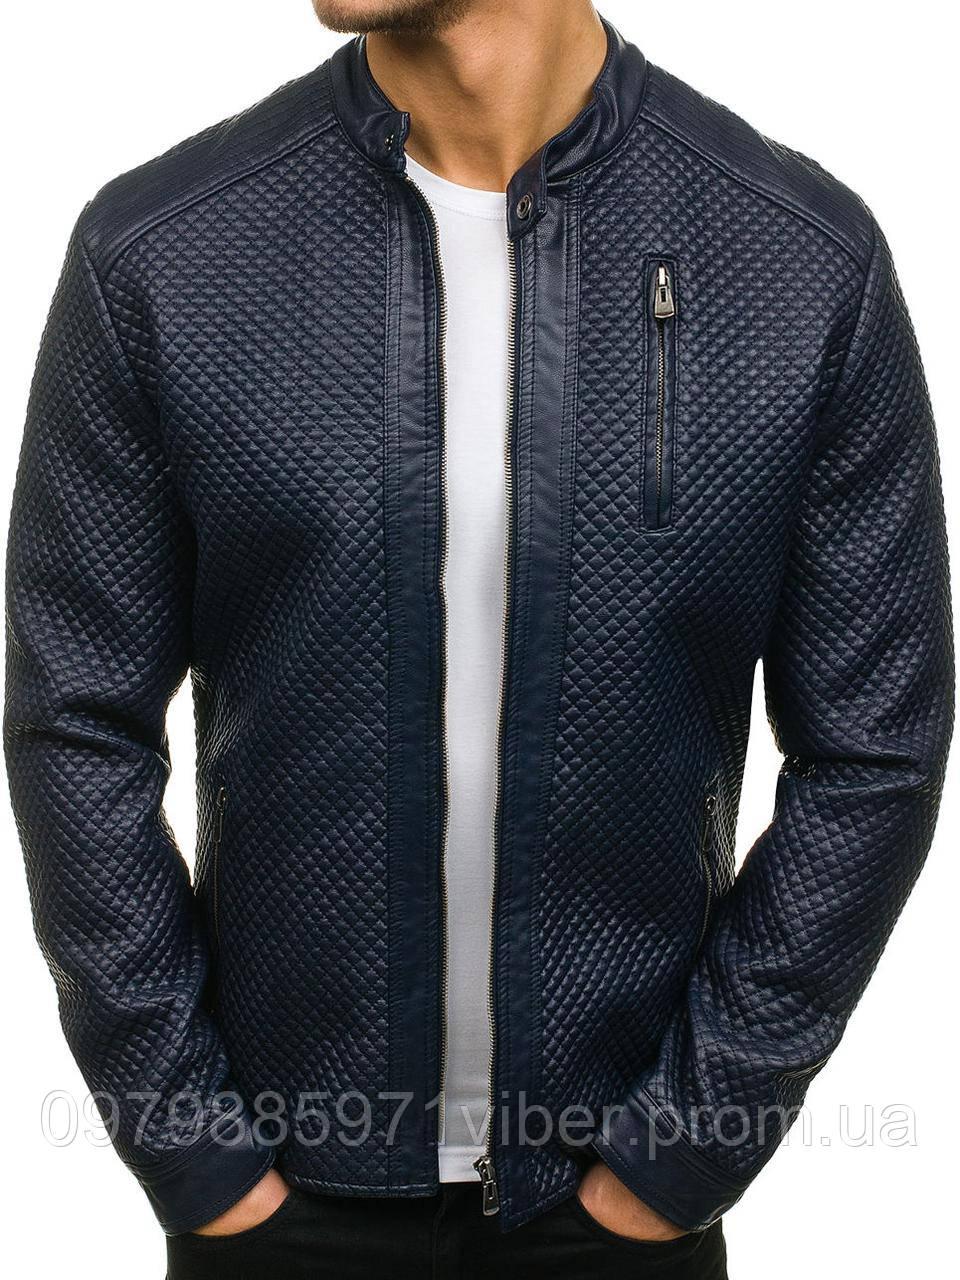 8a8d7f462709 Стеганая мужская куртка из эко кожи синяя - Доставка товаров из Польши в  Львове